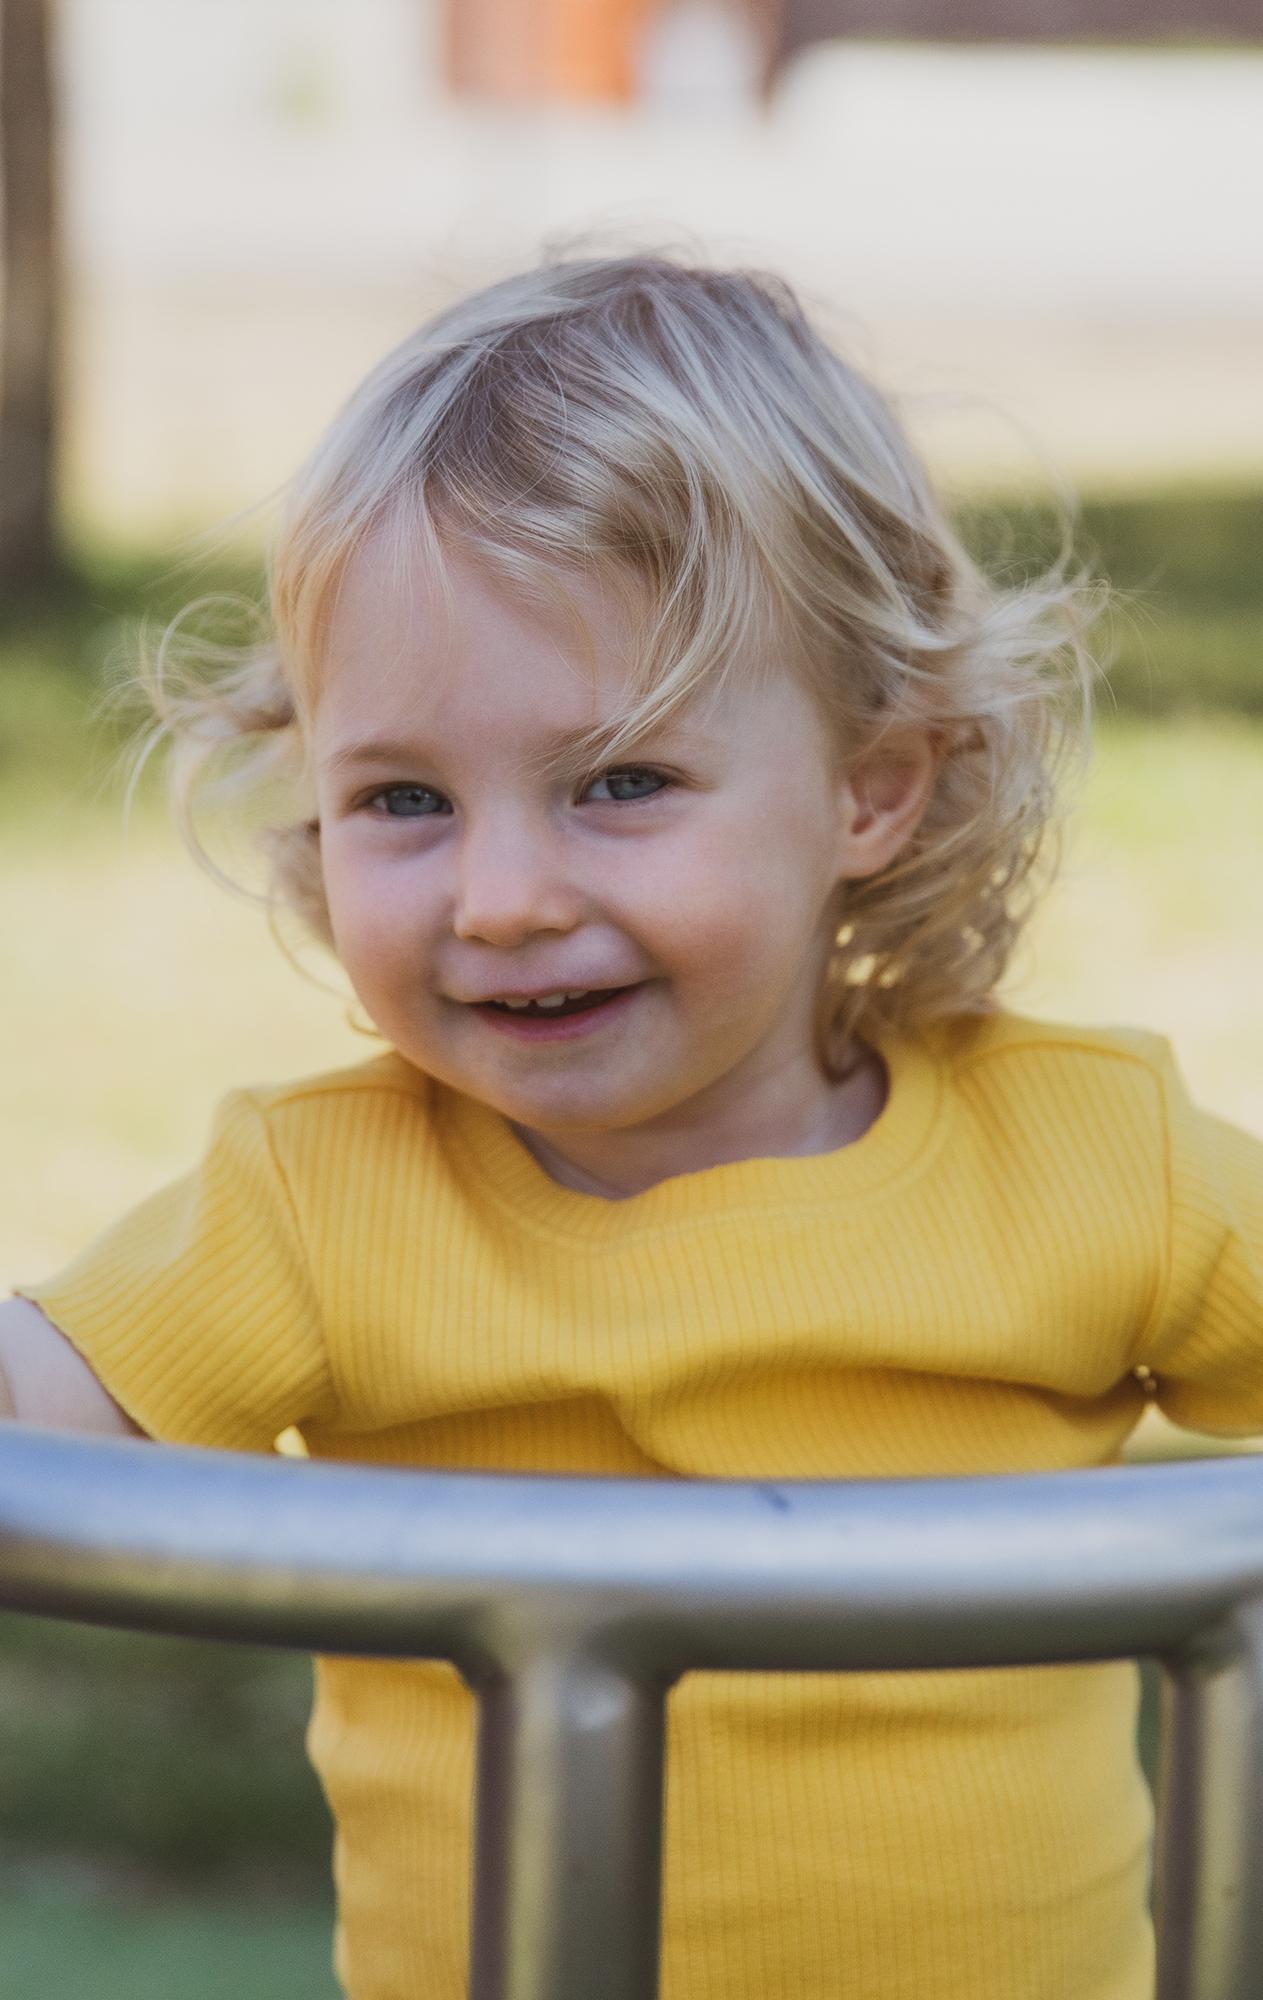 Gezinsfoto, gezinsfotografie of gezinsreportage, portretfoto kind